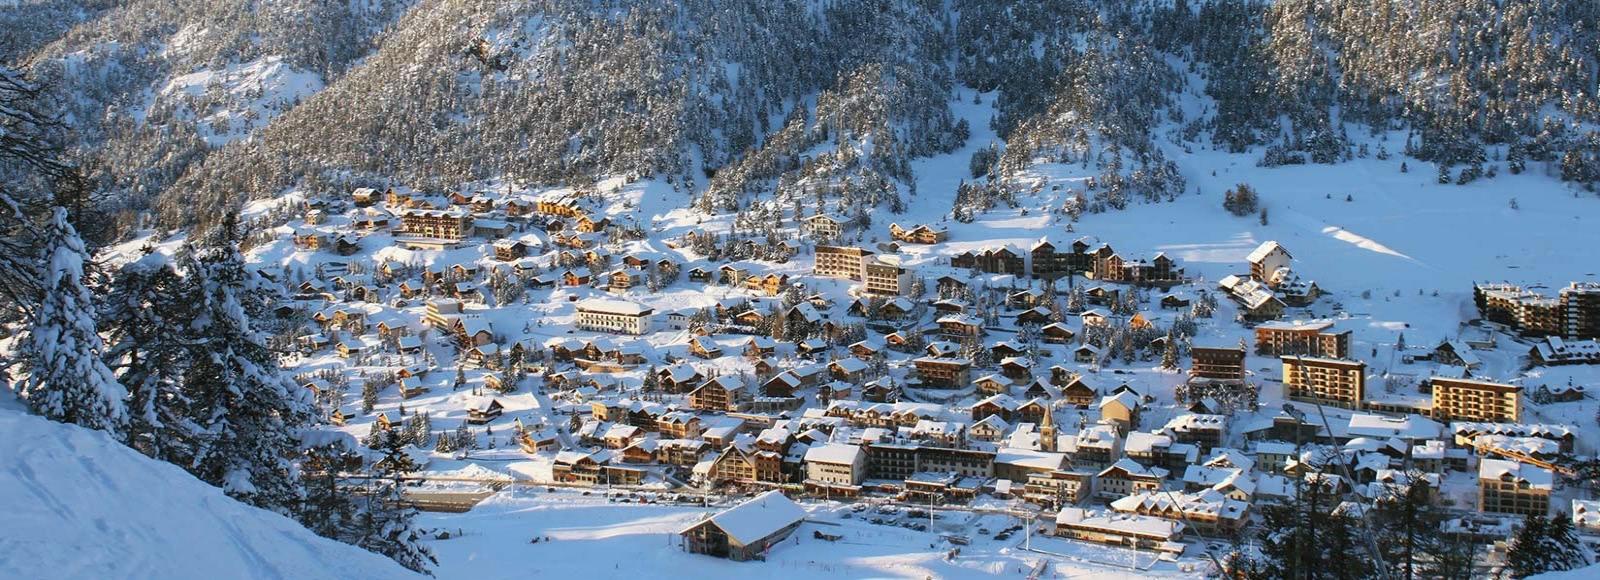 Montgenèvre - Une station de ski à deux pas de la frontière Italienne